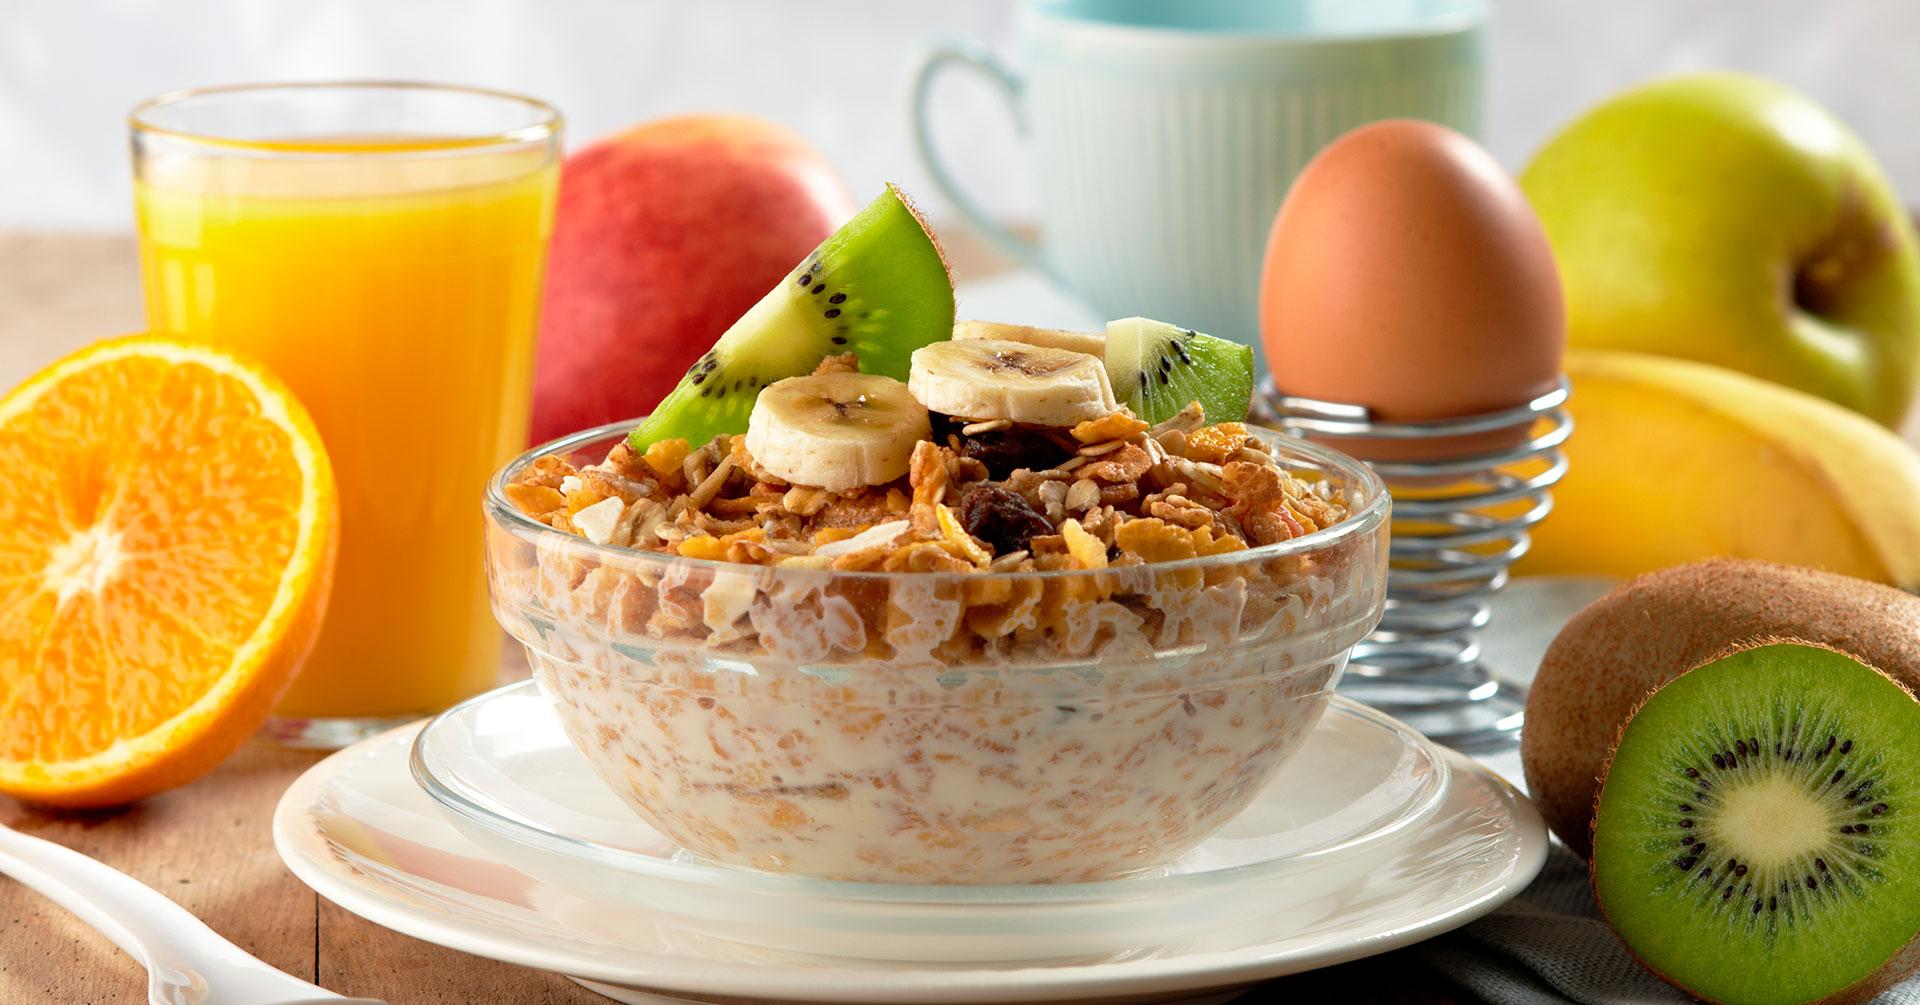 Lo que sí debes consumir en tus desayunos saludables